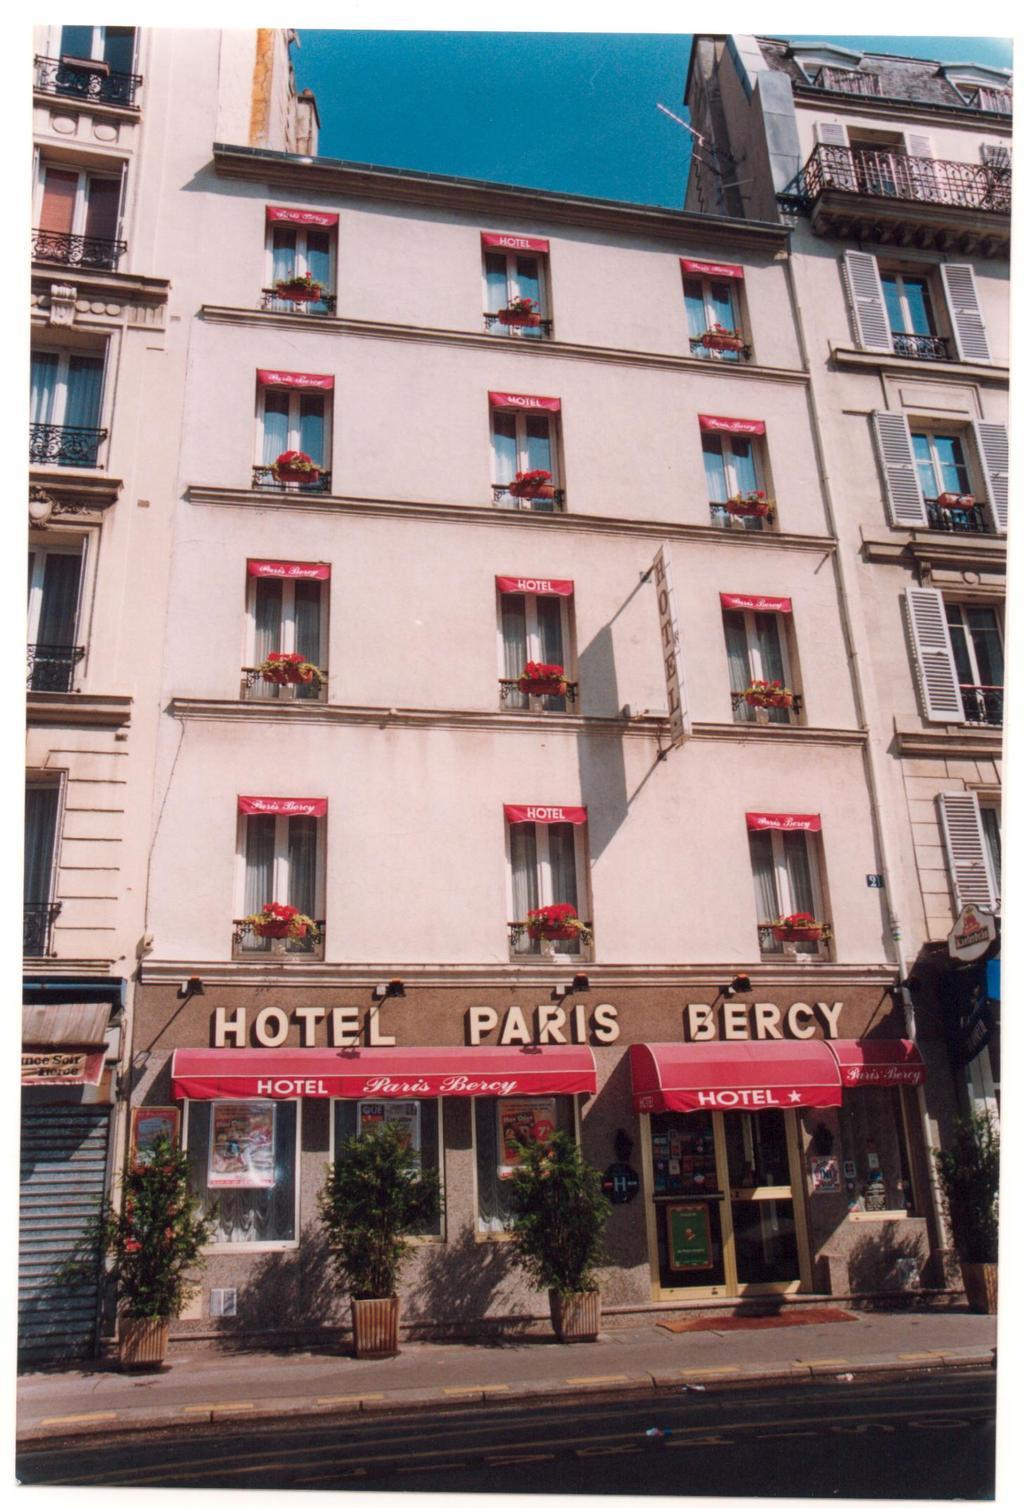 Hotel Paris Bercy Paris 12e Arrondissement France